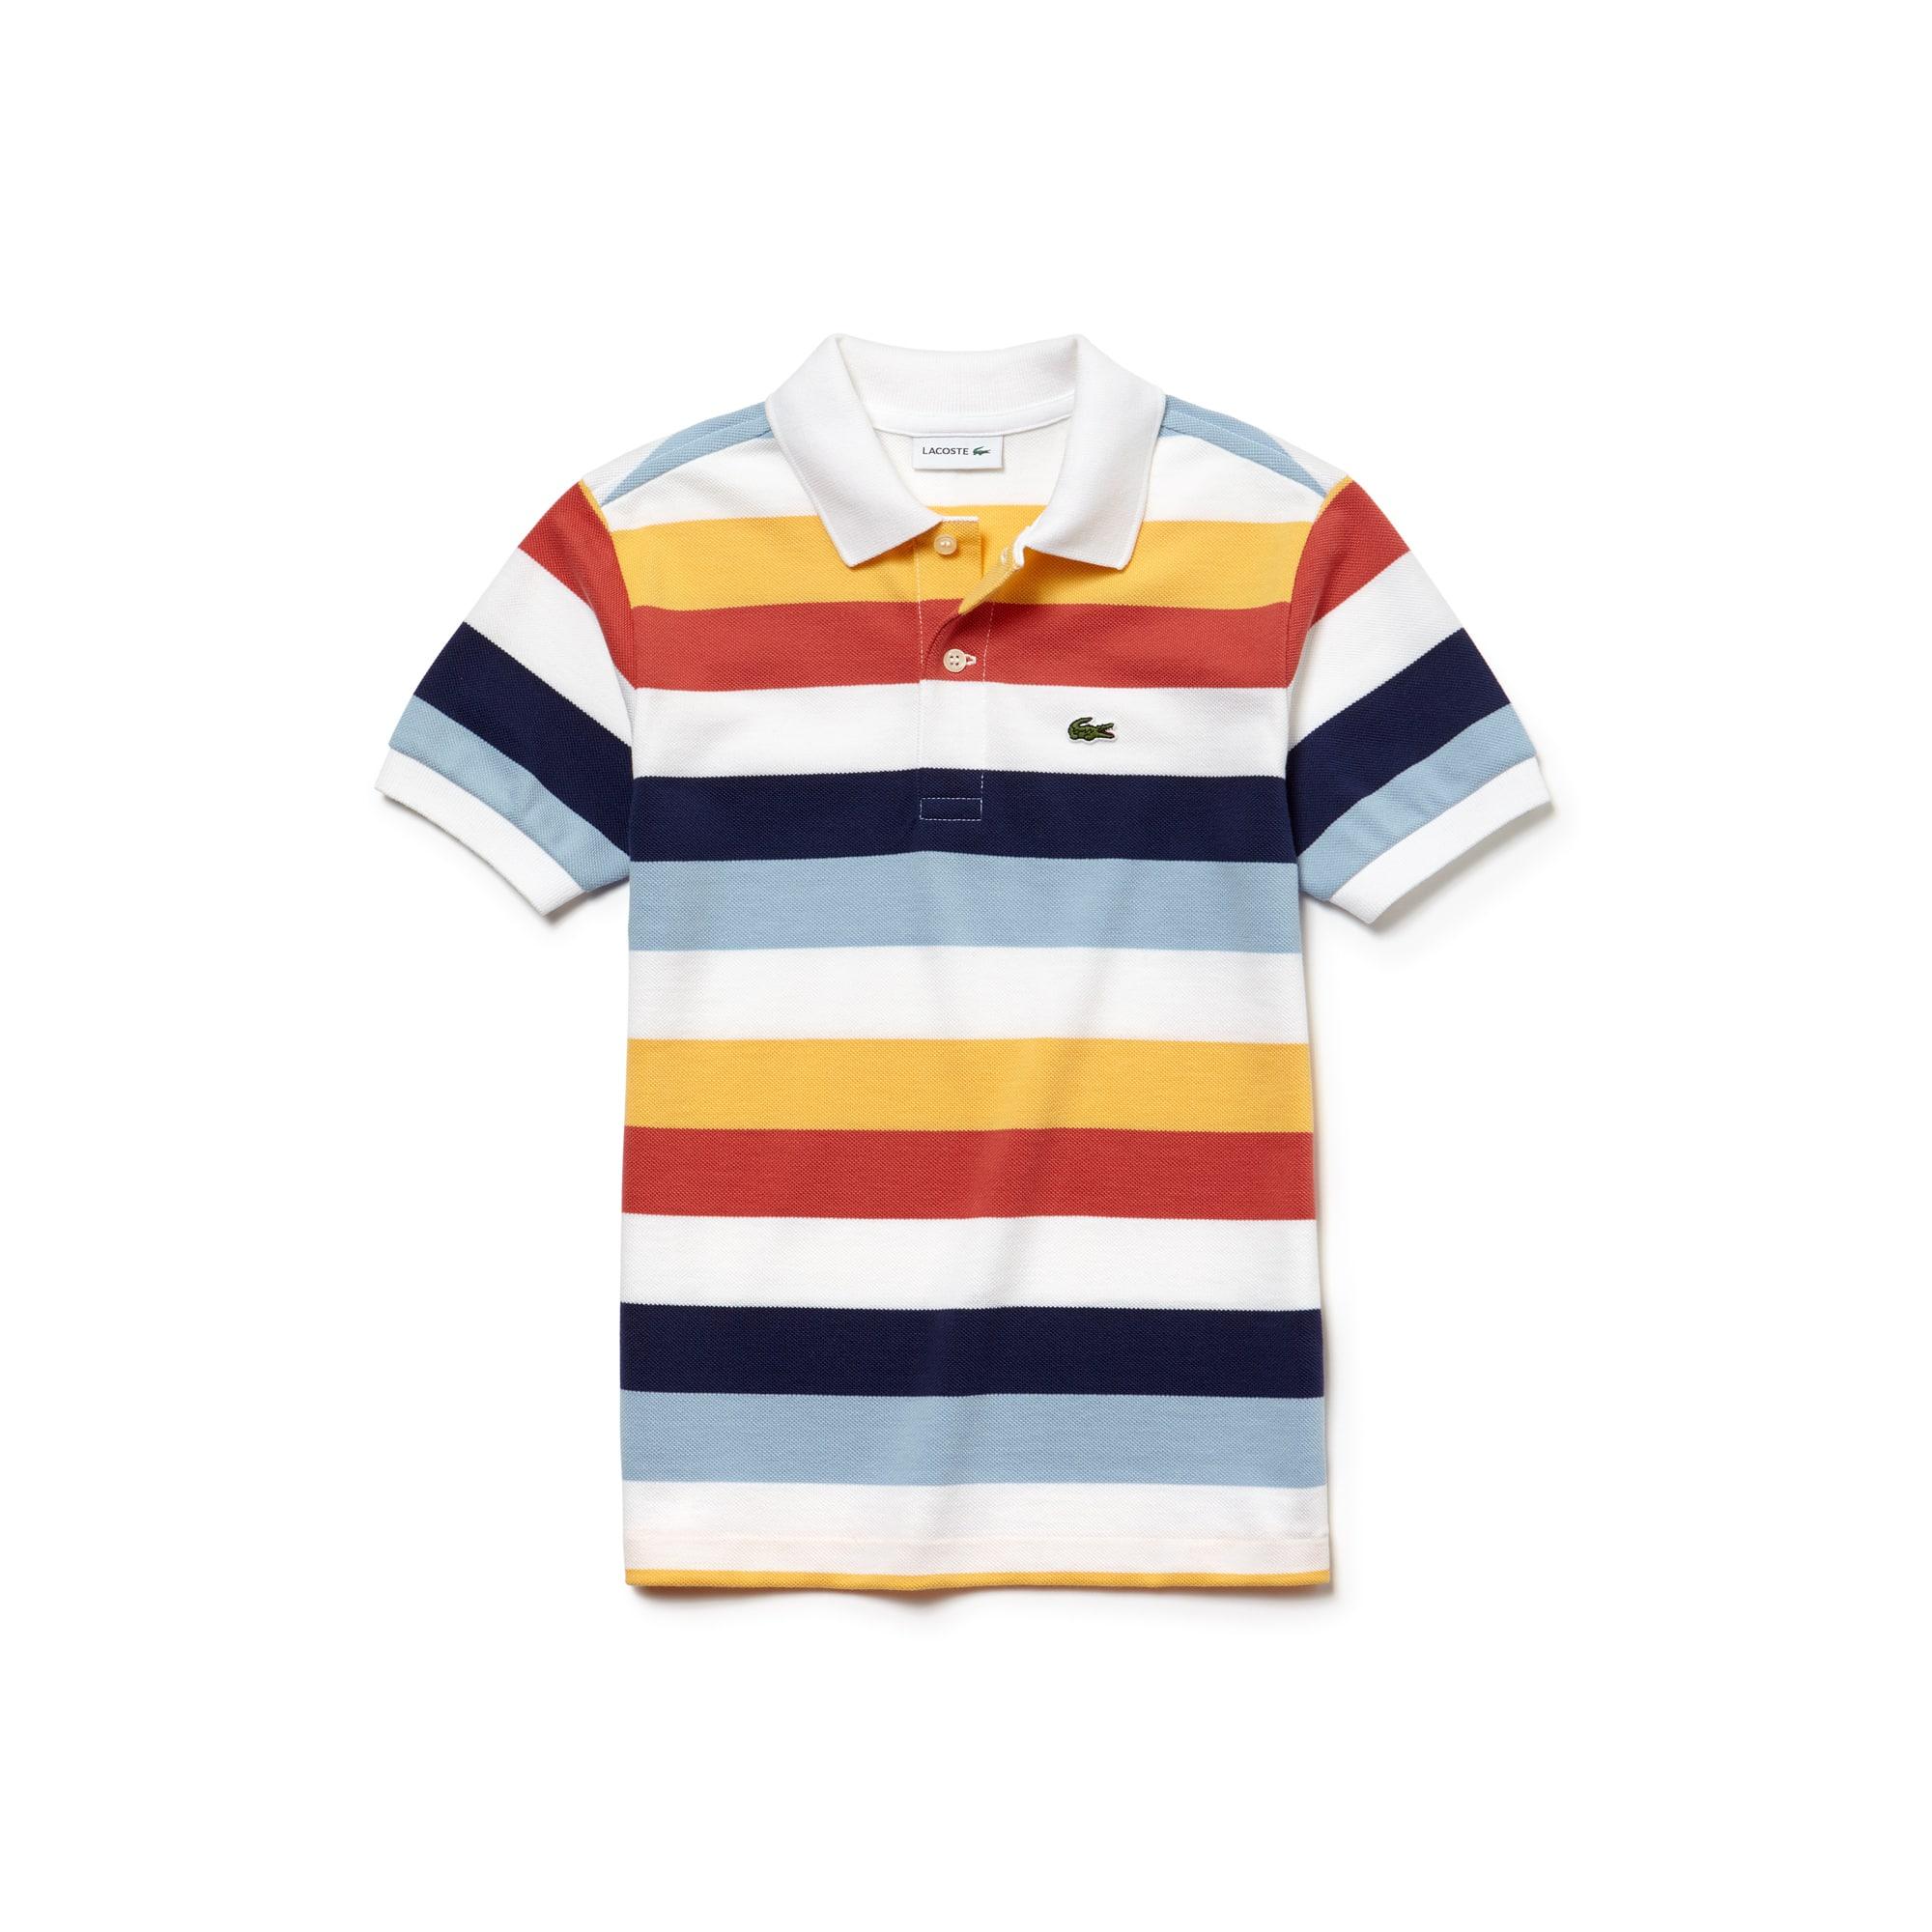 LACOSTE Jungen-Poloshirt aus Piqué mit bunten Streifen